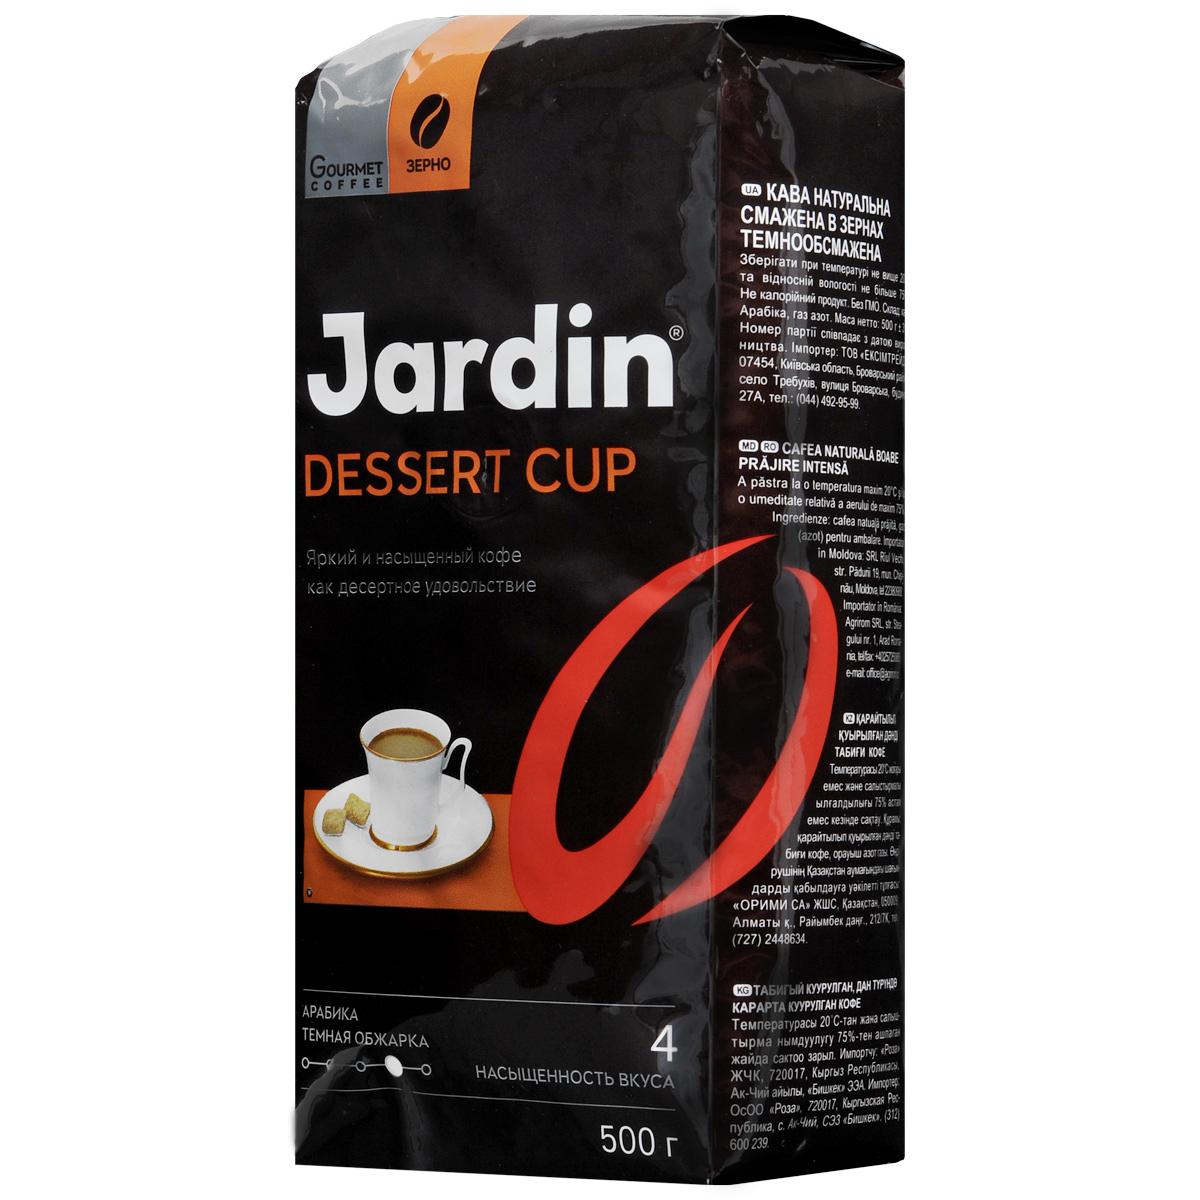 Jardin Dessert Cup кофе в зернах, 500 г0546-12Кофе в зернах Jardin Dessert Cup обладает многогранным сложным вкусом, наполненным интенсивной сладостью великолепного десерта. В этом бленде сочетаются пять сортов Арабики, выращенных на разных плантациях - Эфиопия Сидамо, Суматра Мандхелинг, Гватемала, Коста-Рика и Колумбия Супремо.